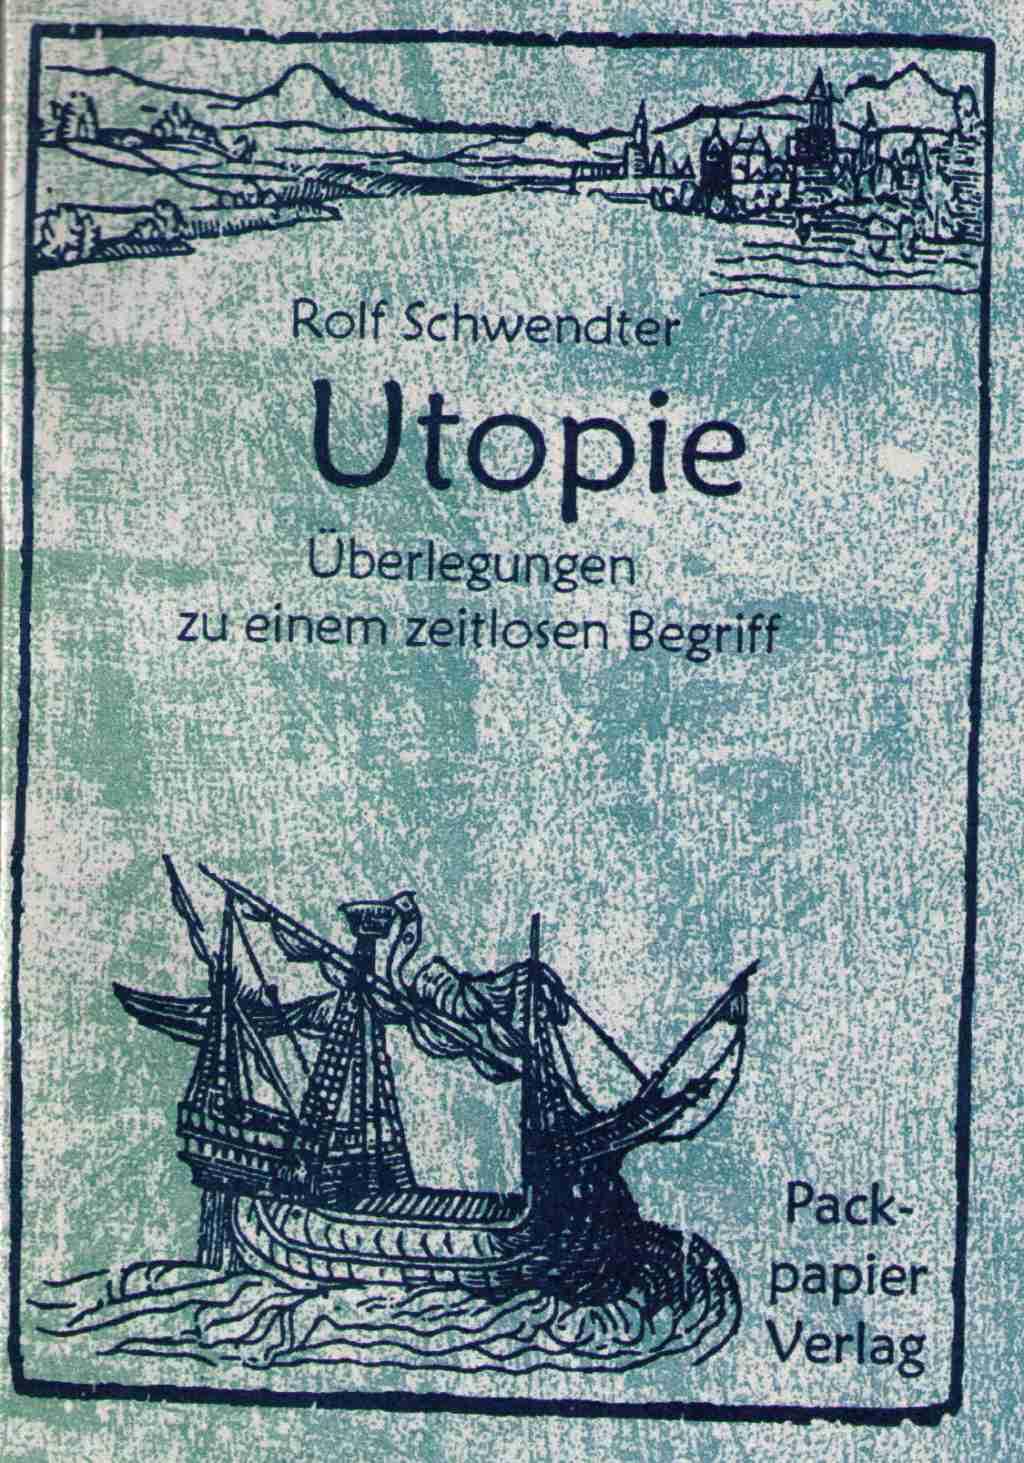 Schwendter Utopie